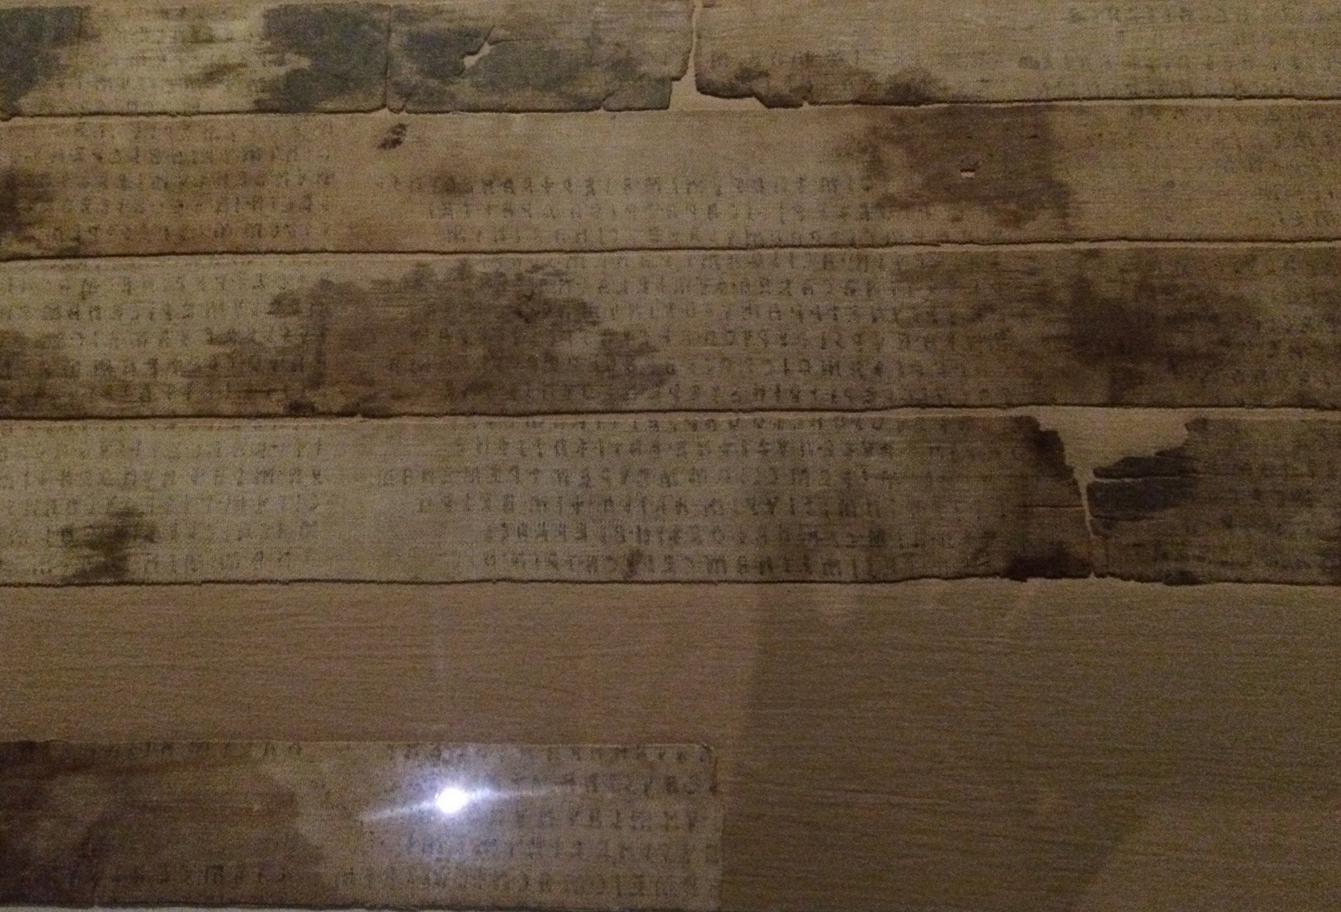 Этрусские письмена, в которые была завёрнута мумия